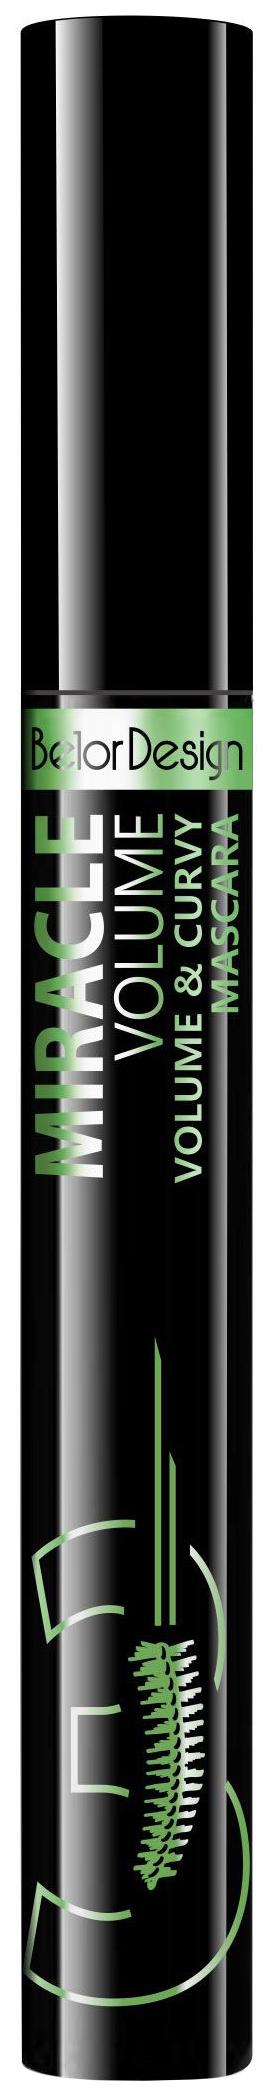 Тушь для ресниц Belor Design Miracle Volume #and# Curvy Mascara Черный 7,6 г